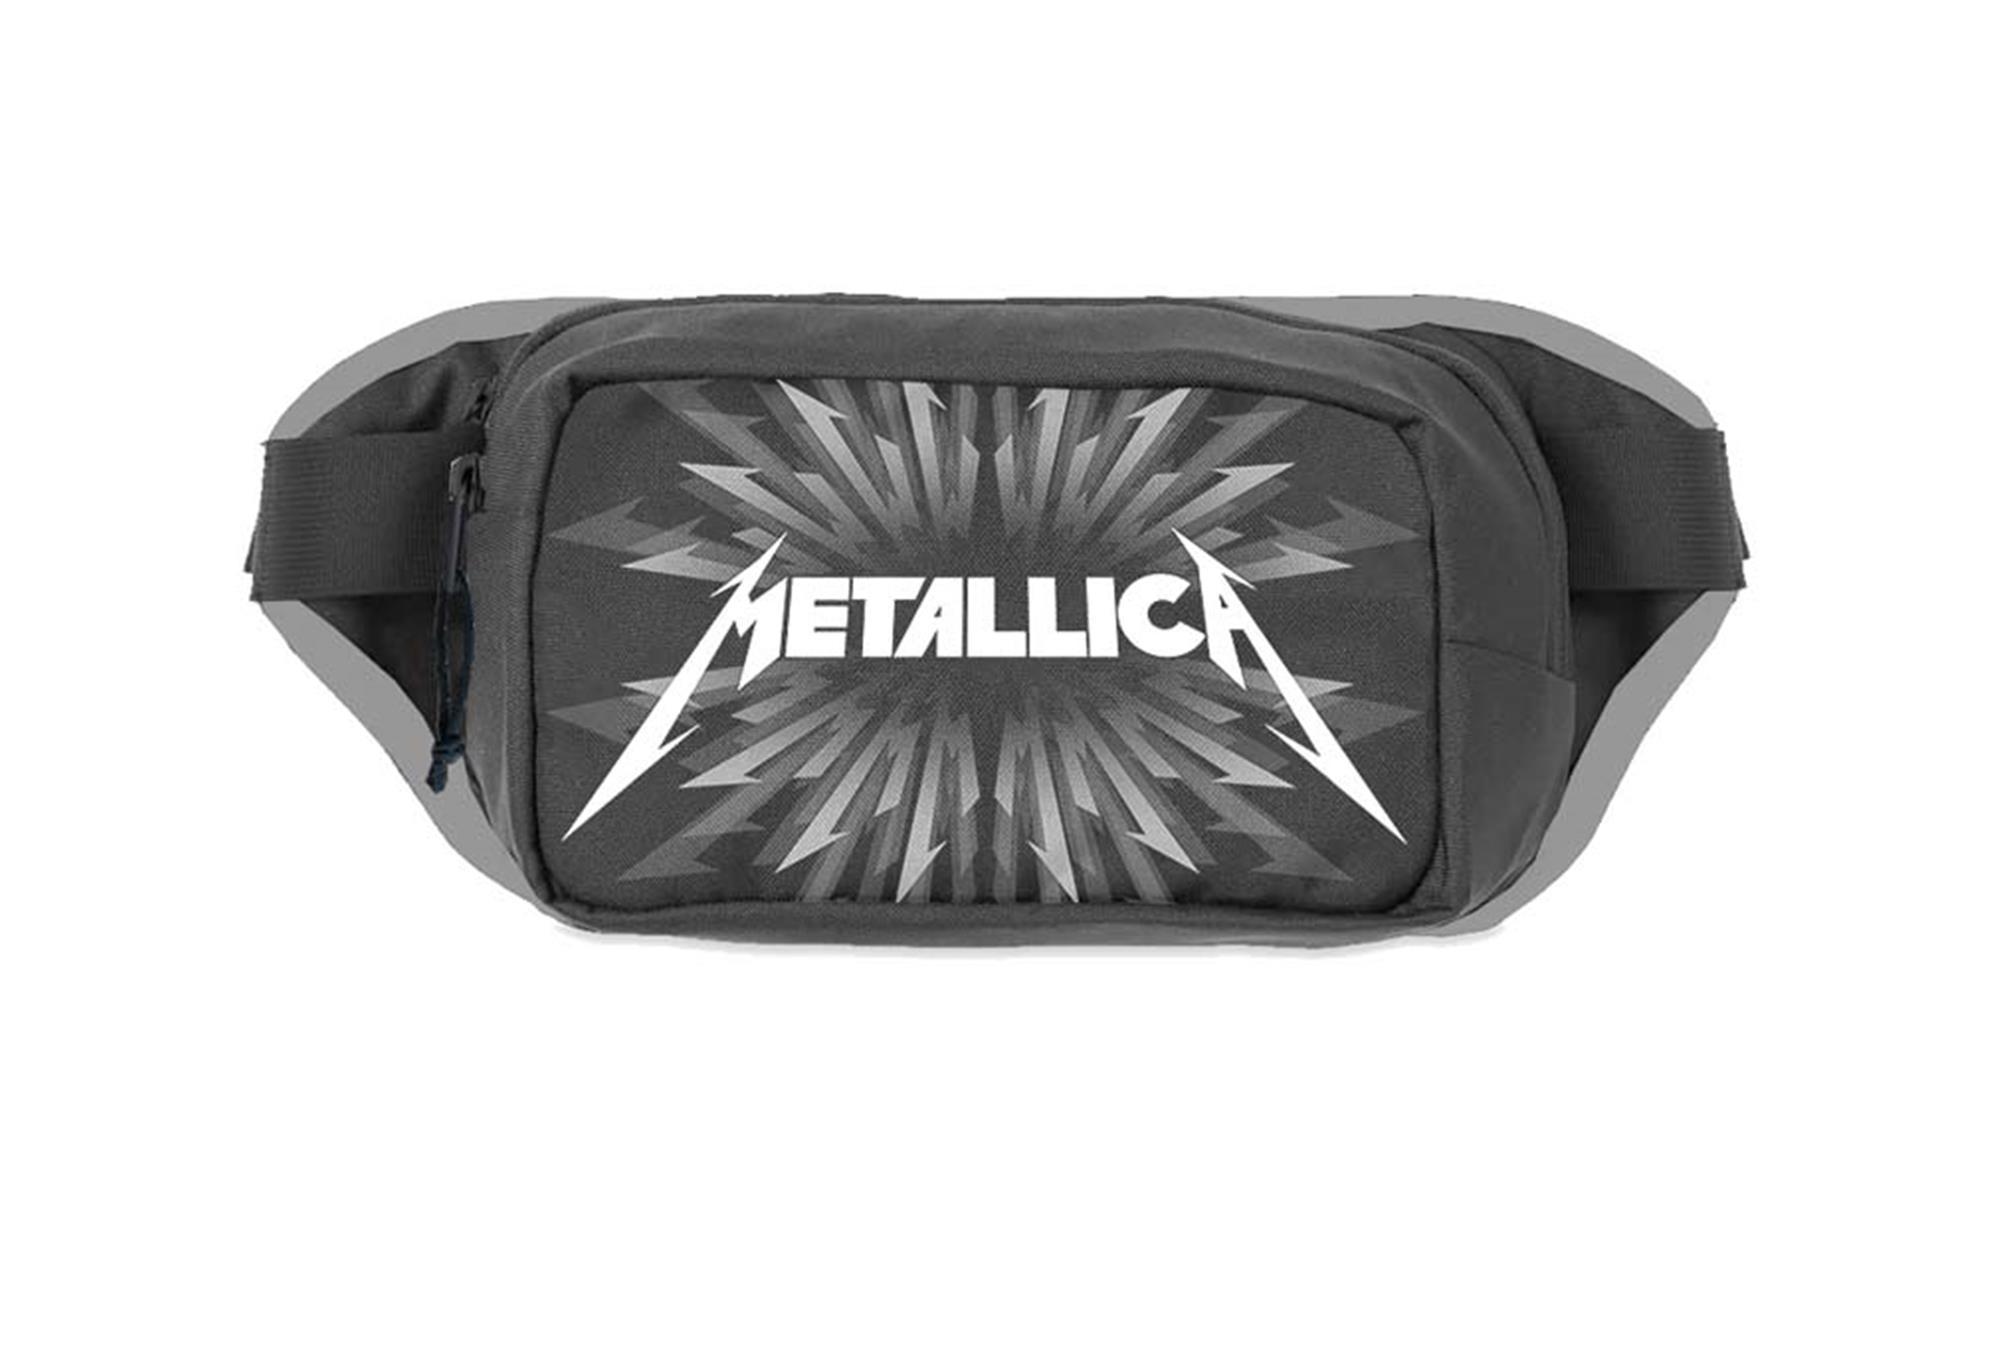 Metallica Lightning Shoulder Bag